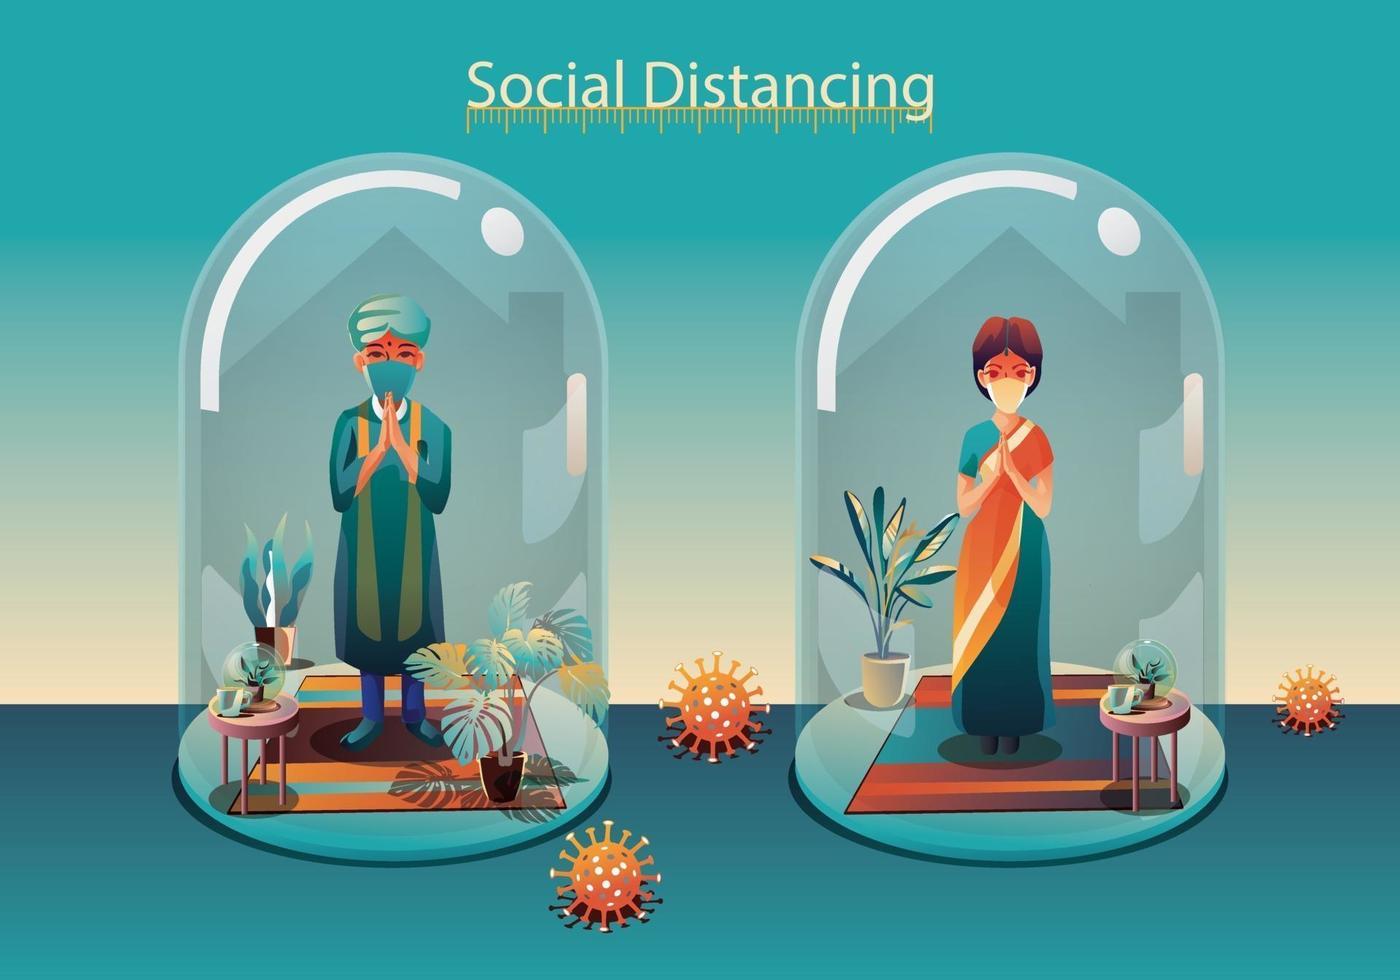 distanciamento social, as pessoas mantêm distância e evitam contato físico, aperto de mão ou toque de mão para se proteger do conceito de propagação do coronavírus covid-19, as pessoas estão usando a saudação da Índia de namaste vetor